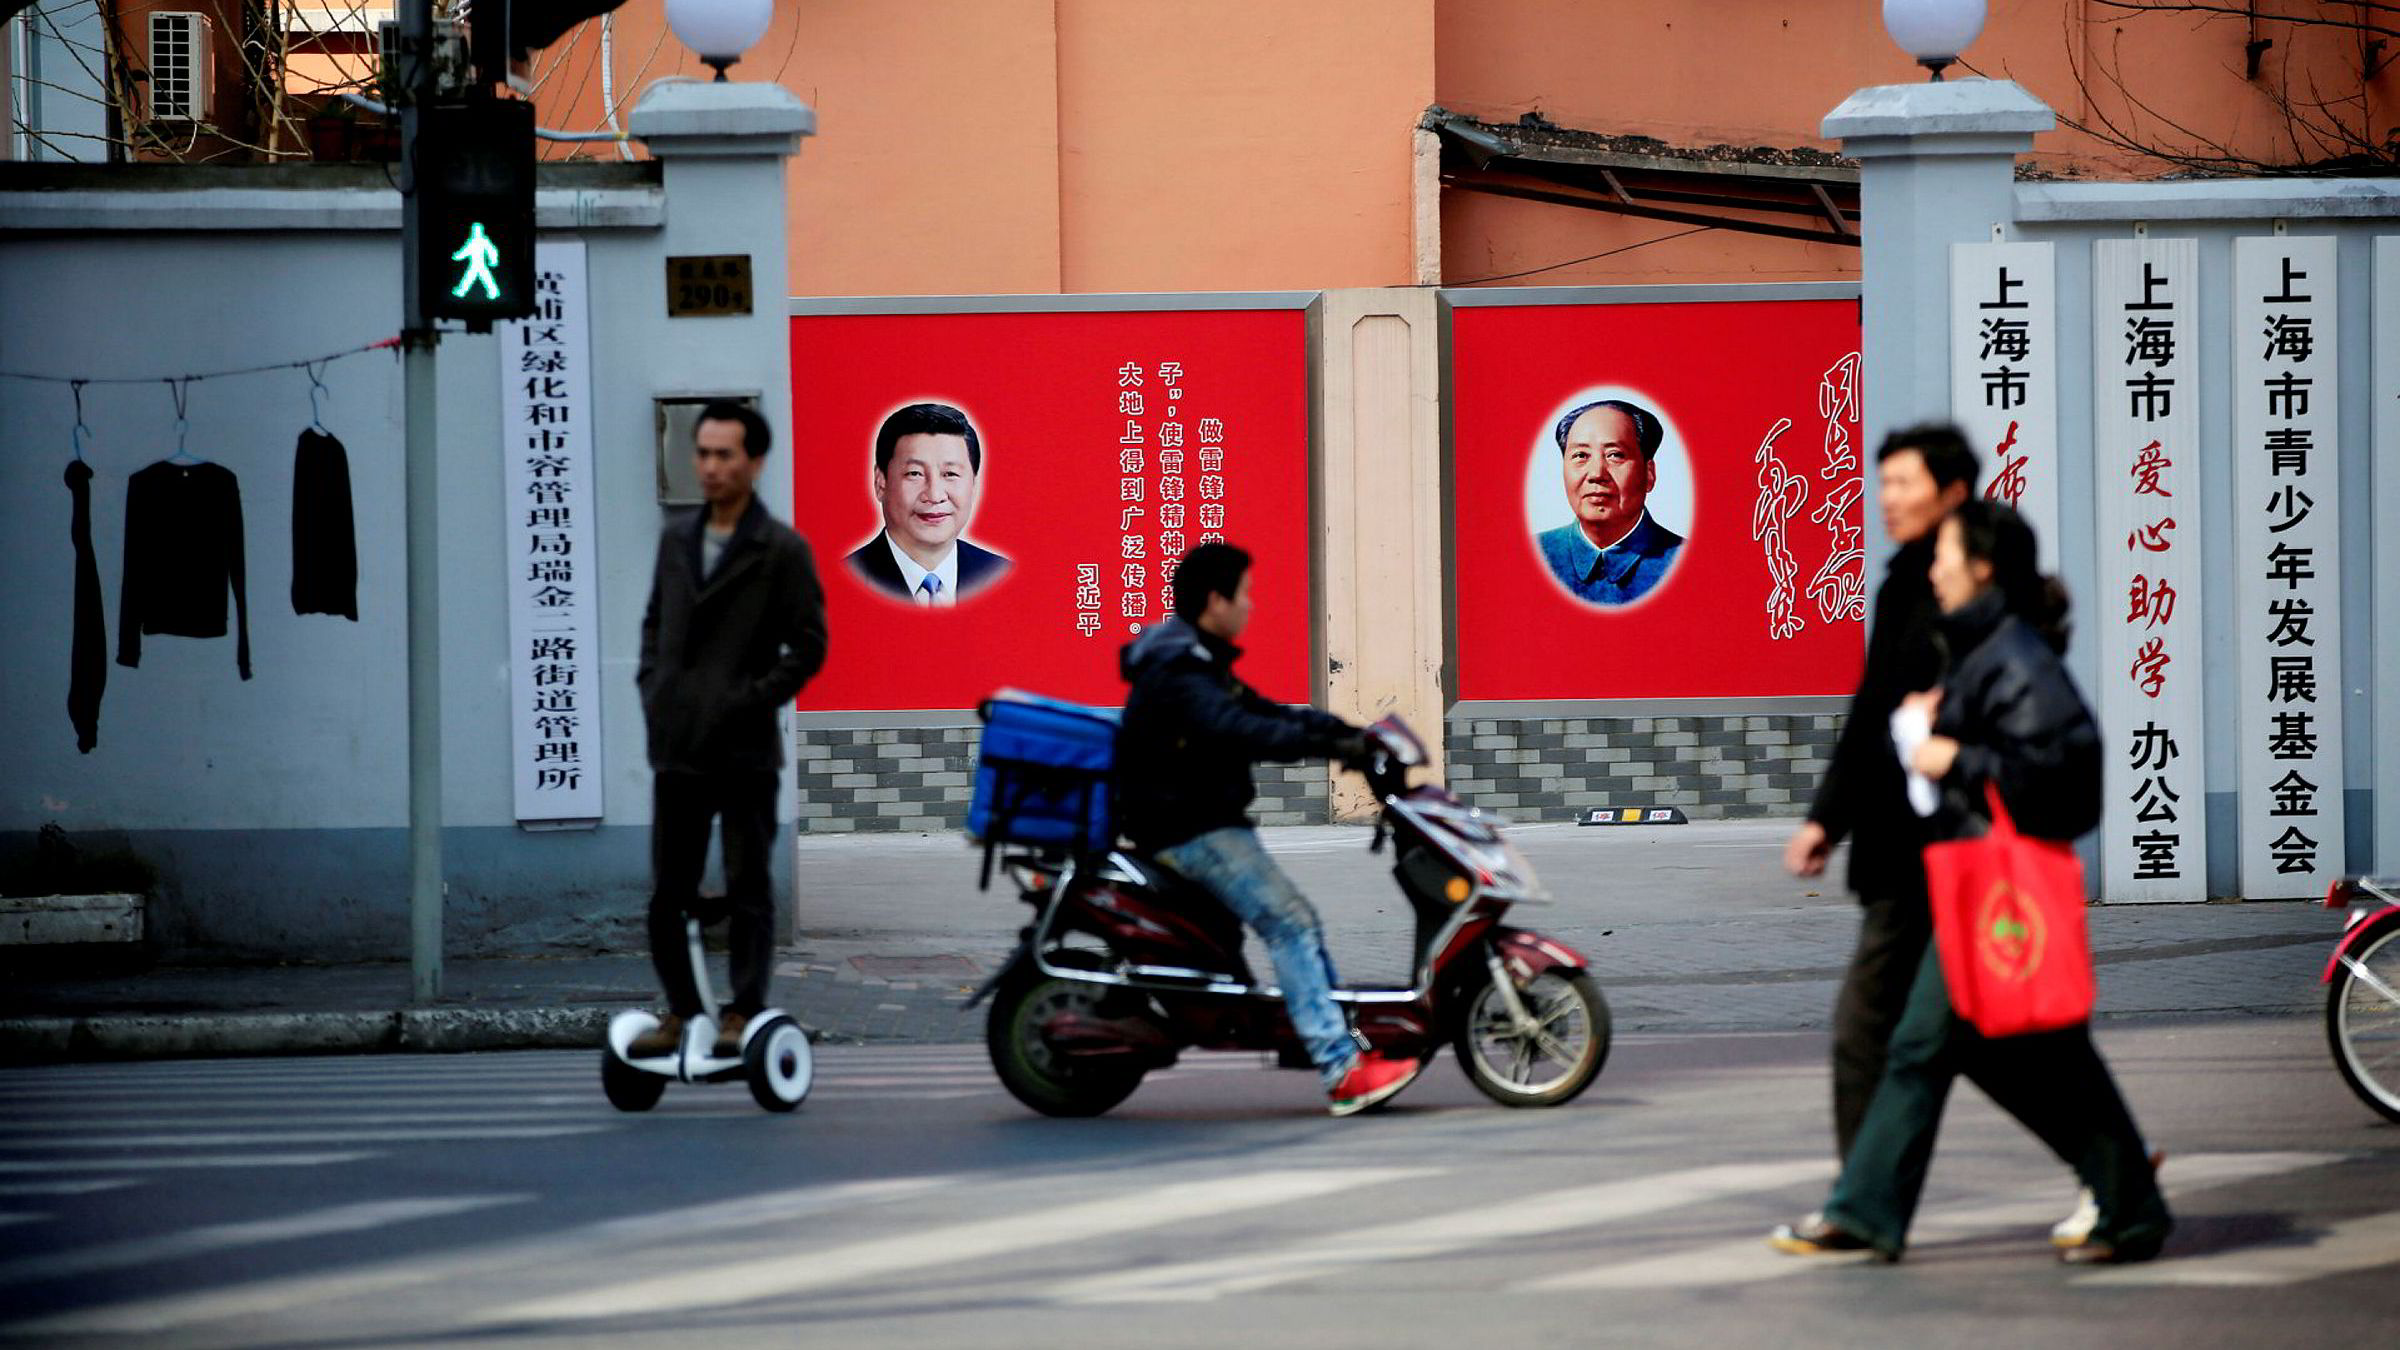 Kinas president Xi Jinping er i ferd med å bli den mektigste lederen landet har hatt siden Mao Zedong (plakaten til høyre). Årets nasjonalkongress i kommunistpartiet vil bli den viktigste på flere tiår.